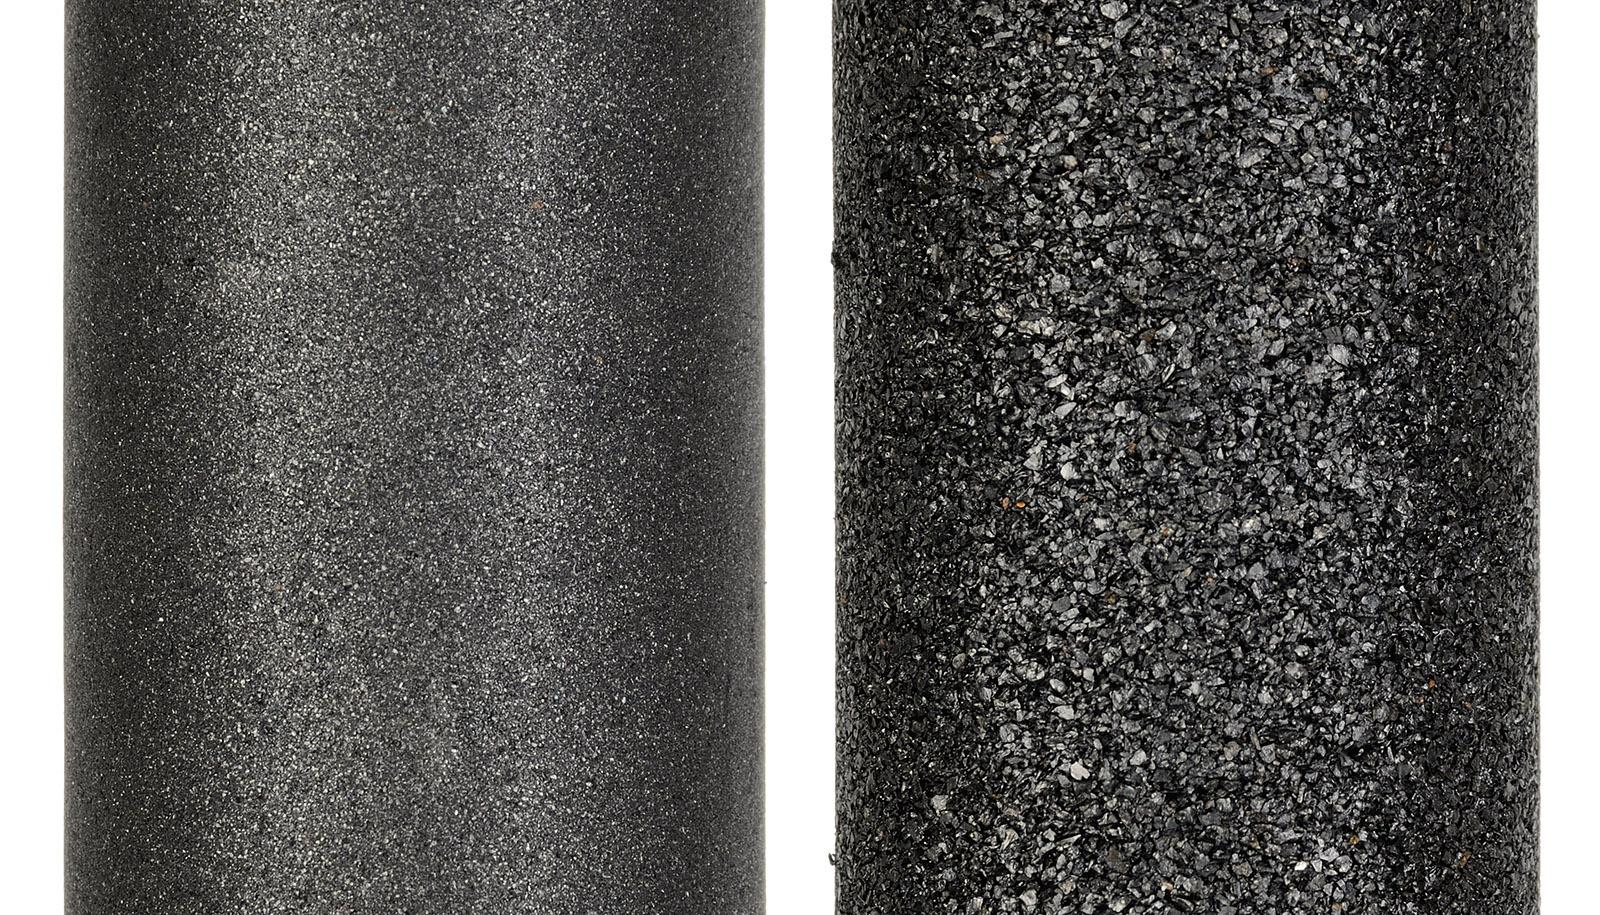 Сравнительное фото карбонблока Prio® Новая Вода® и типичного распространенного на рынке карбонблока